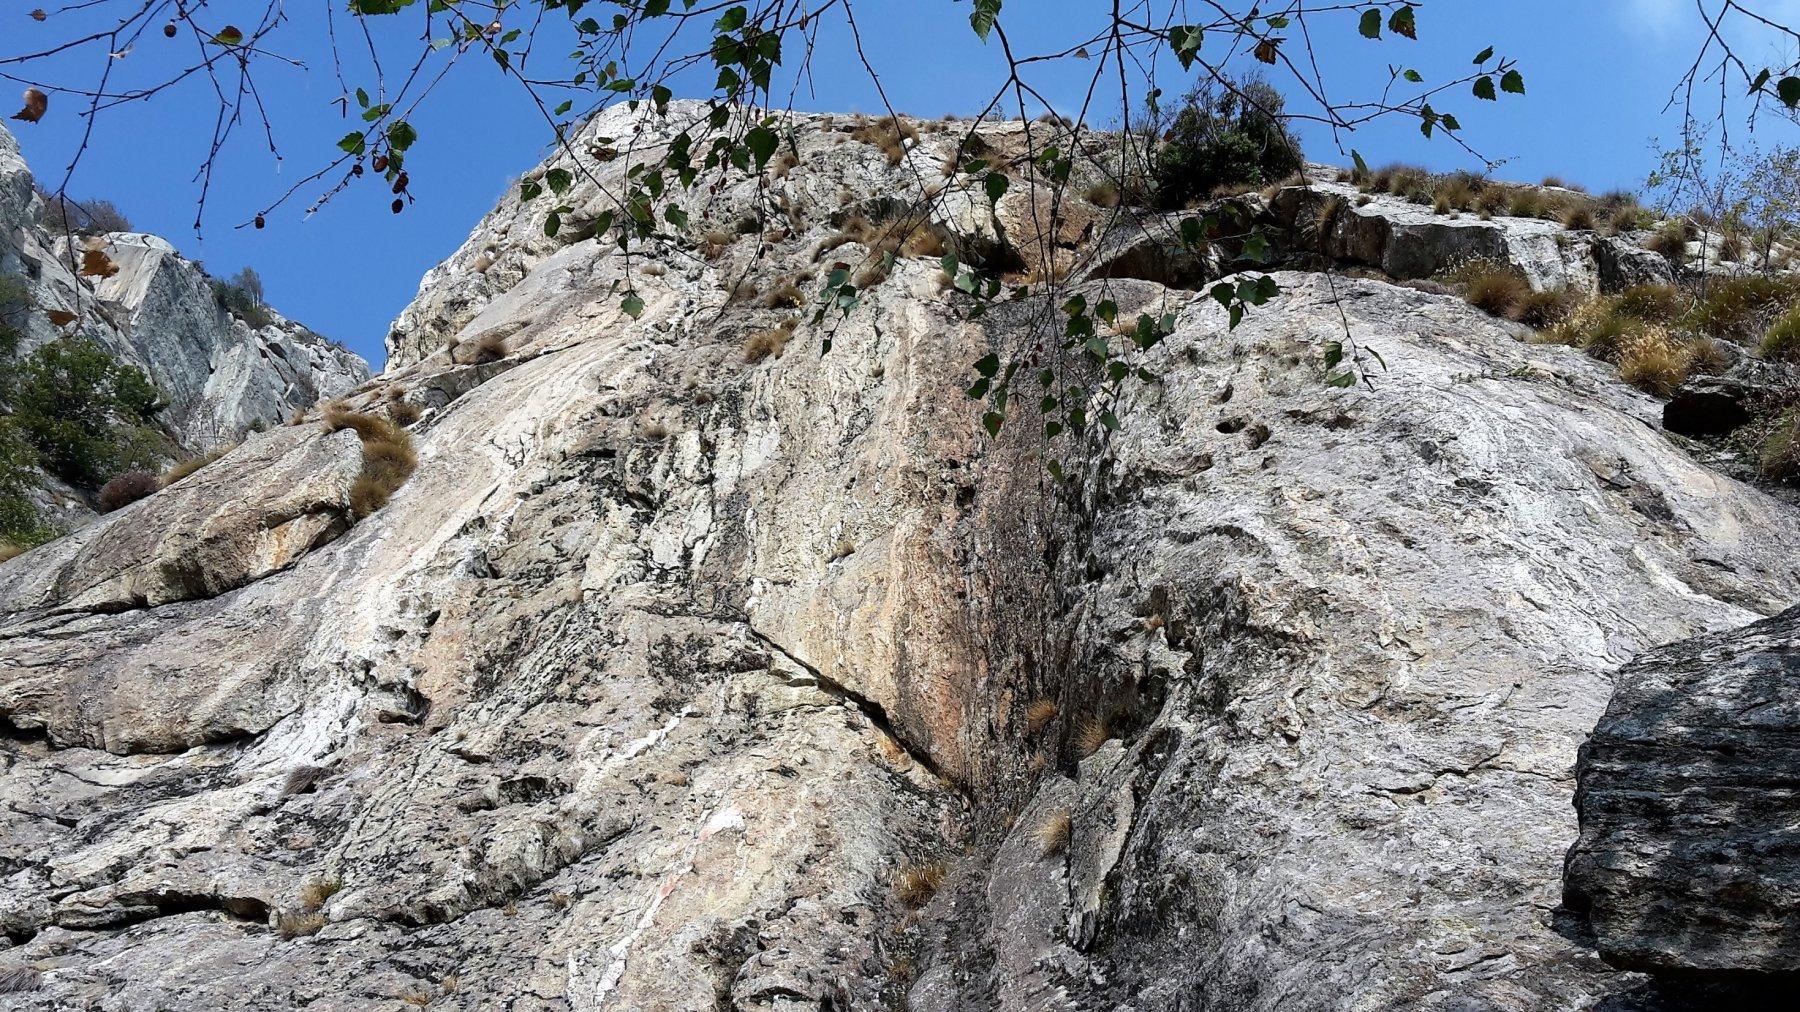 la roccia lavorata a buconi emmenthal...